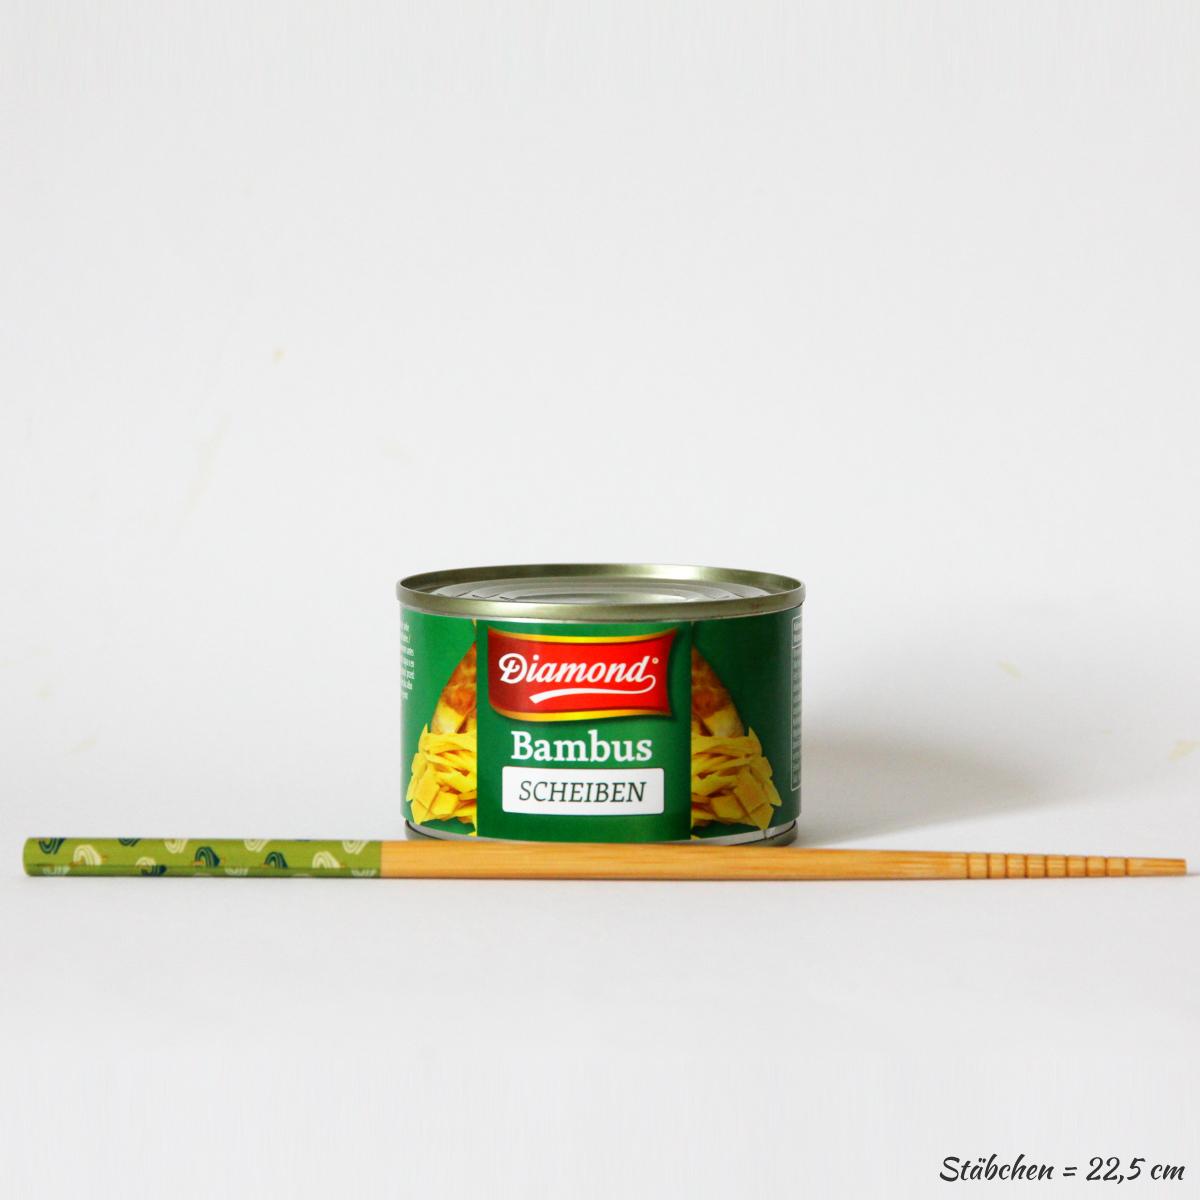 Bambusscheiben 227g (Bambus in Scheiben), DIAMOND